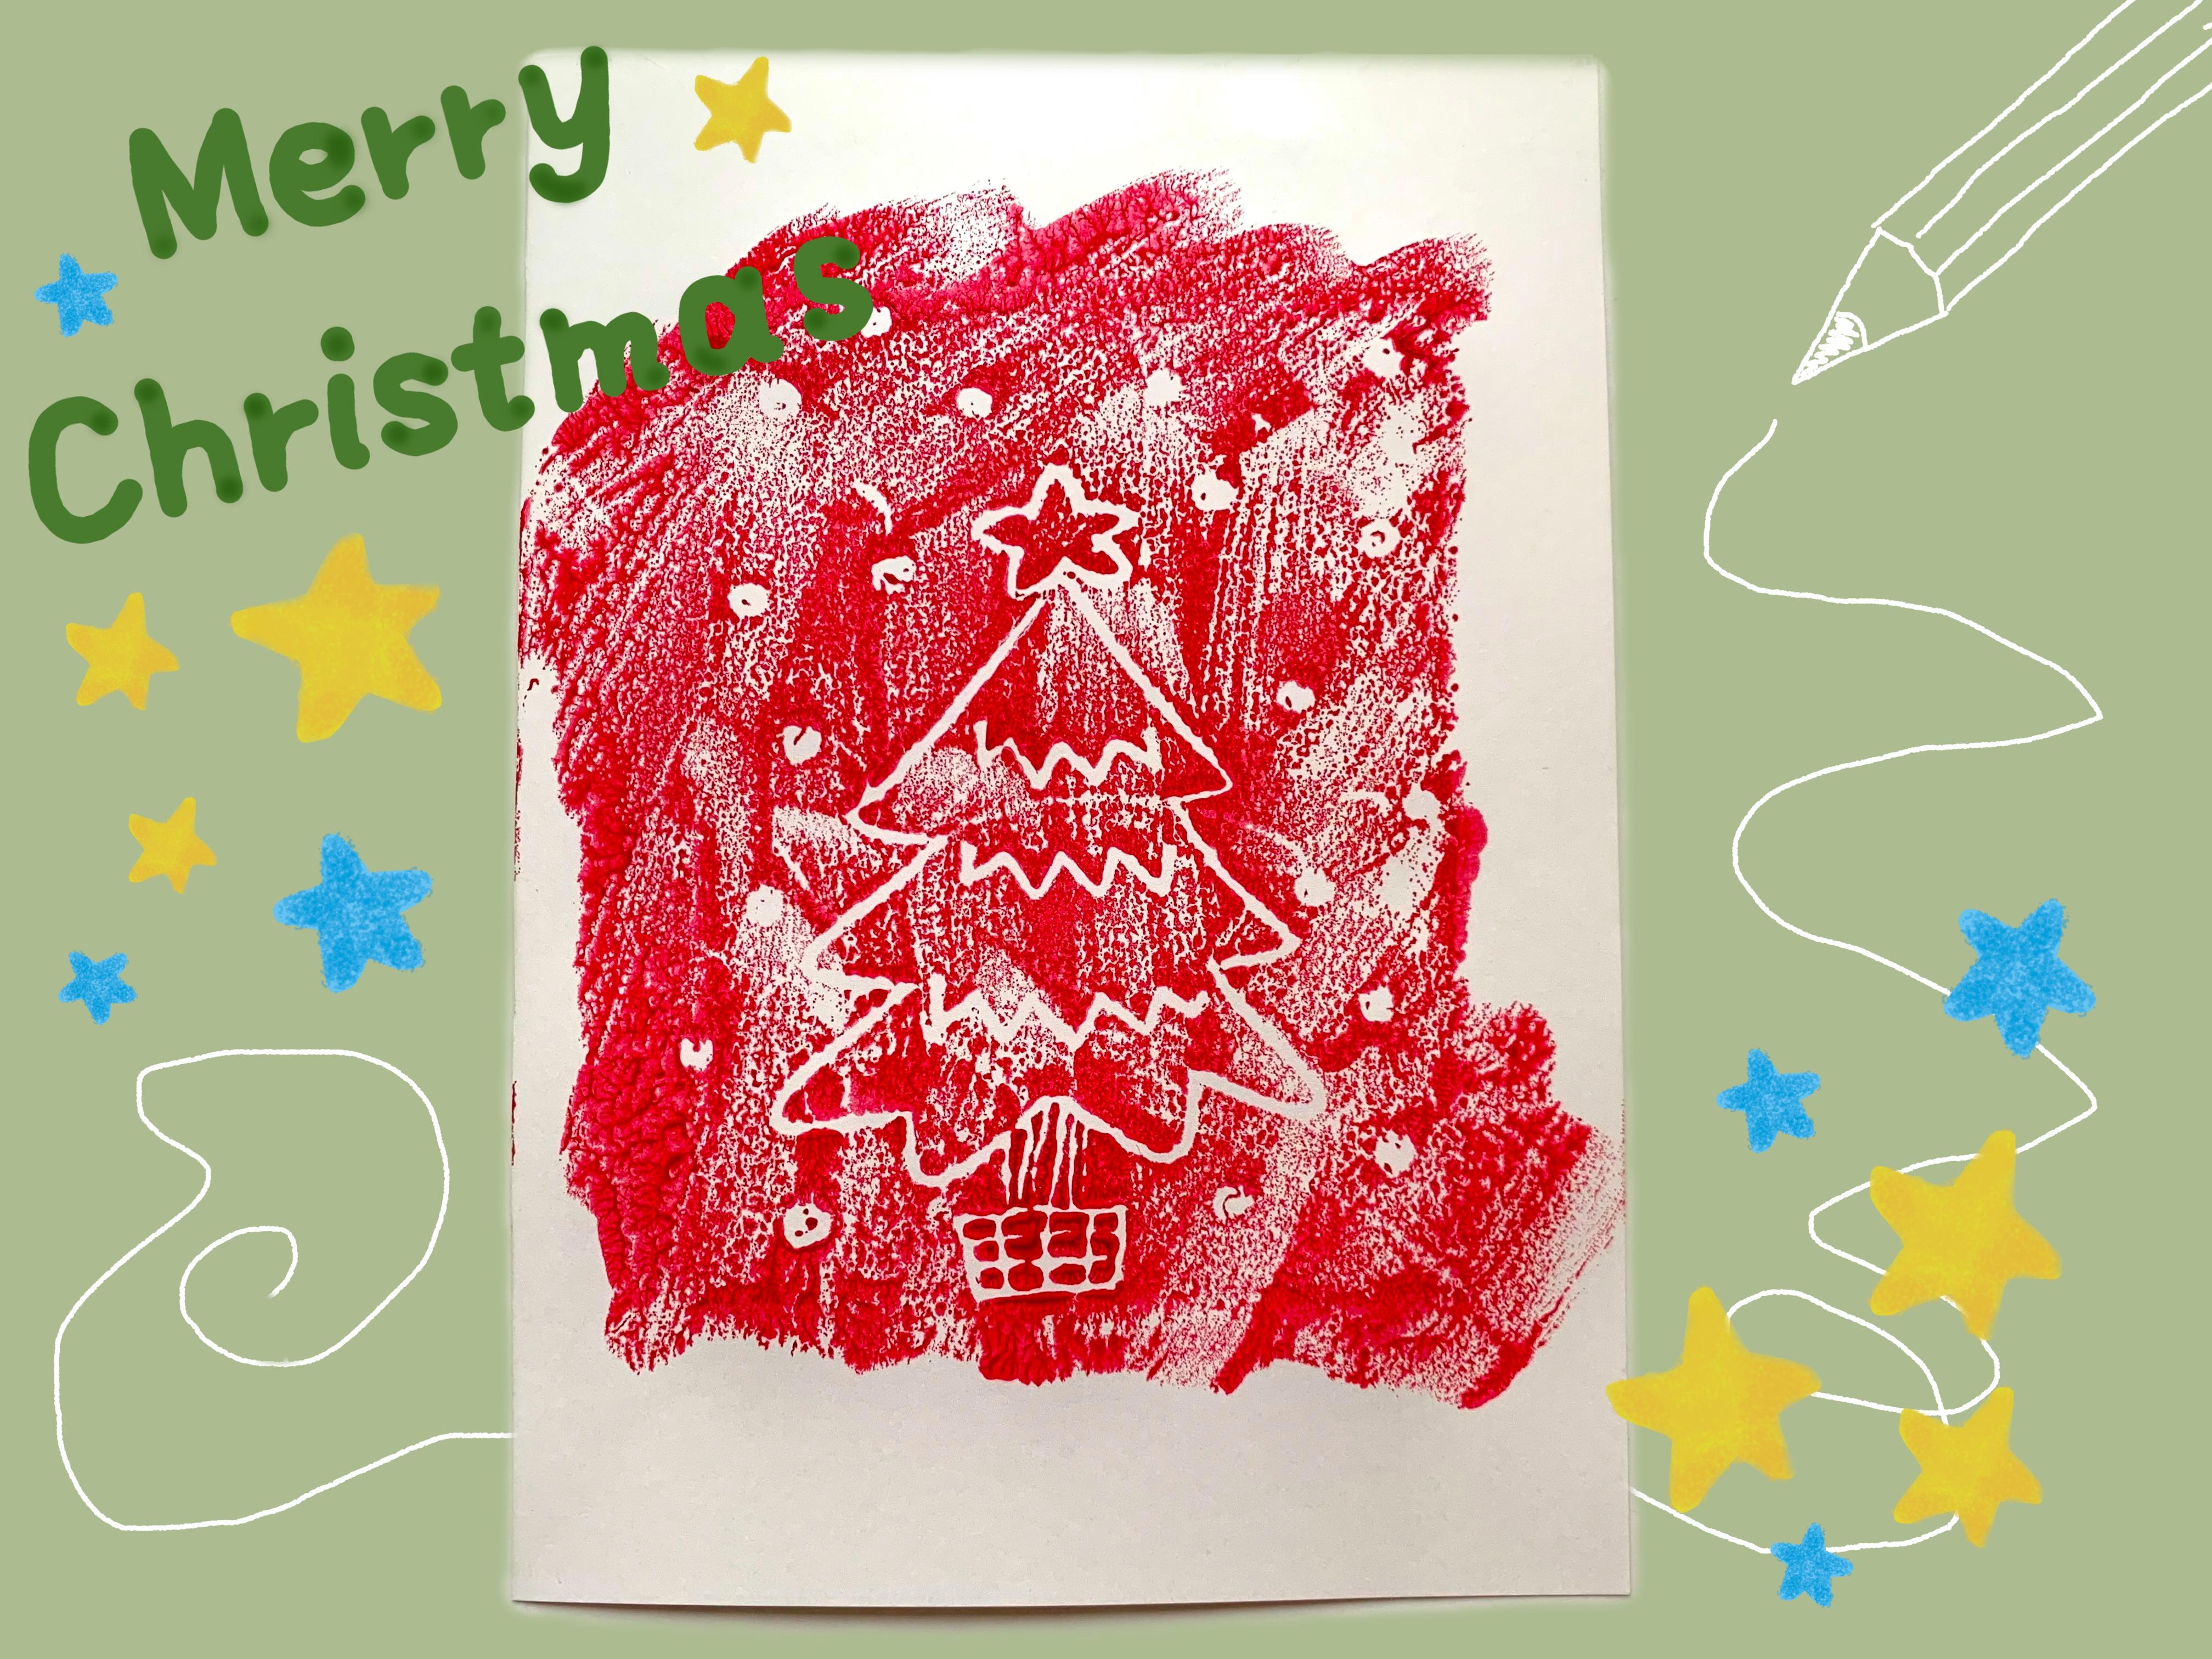 食品トレーで作る クリスマスカード(冬:12月の製作アイデア)